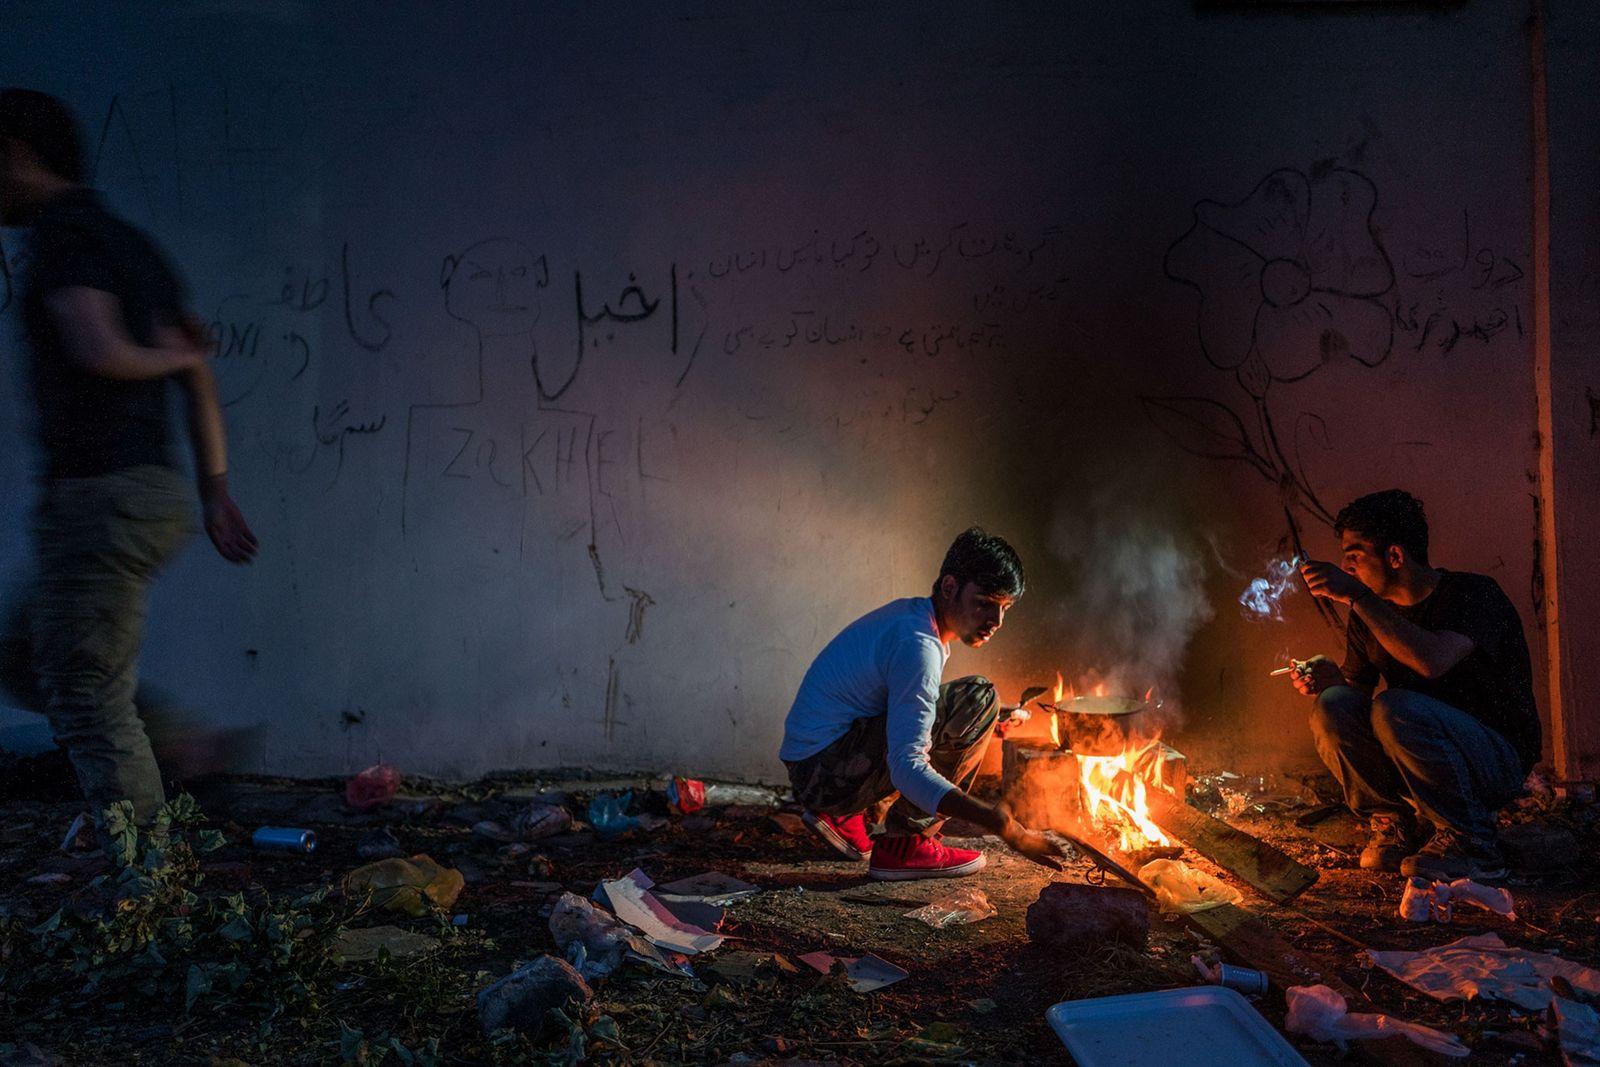 Hamid (16) kocht in einem verlassenen Gebäude in Sid. Michel Saint-Lot von UNICEF drückt seine Hoffnung ...